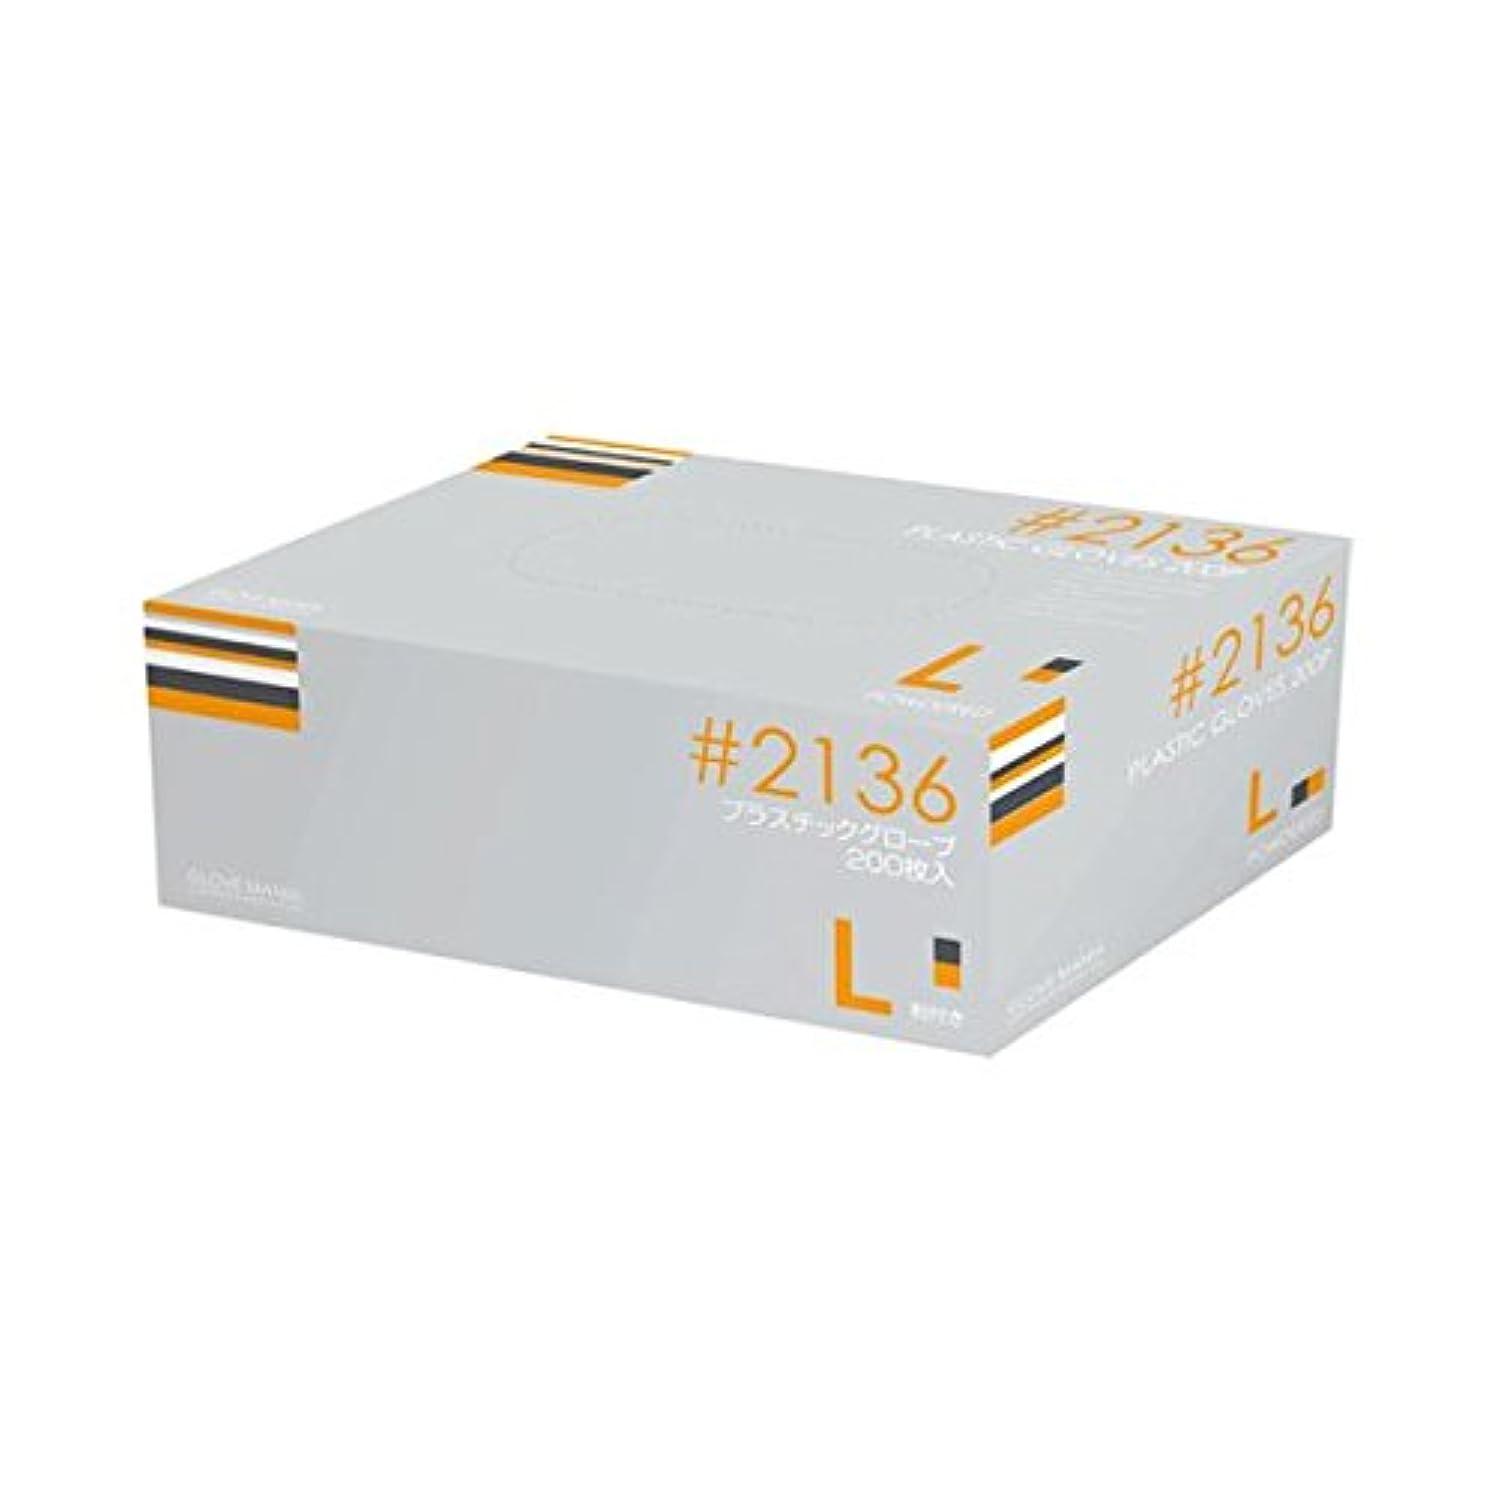 川西工業 プラスティックグローブ #2136 L 粉付 15箱 ダイエット 健康 衛生用品 その他の衛生用品 14067381 [並行輸入品]